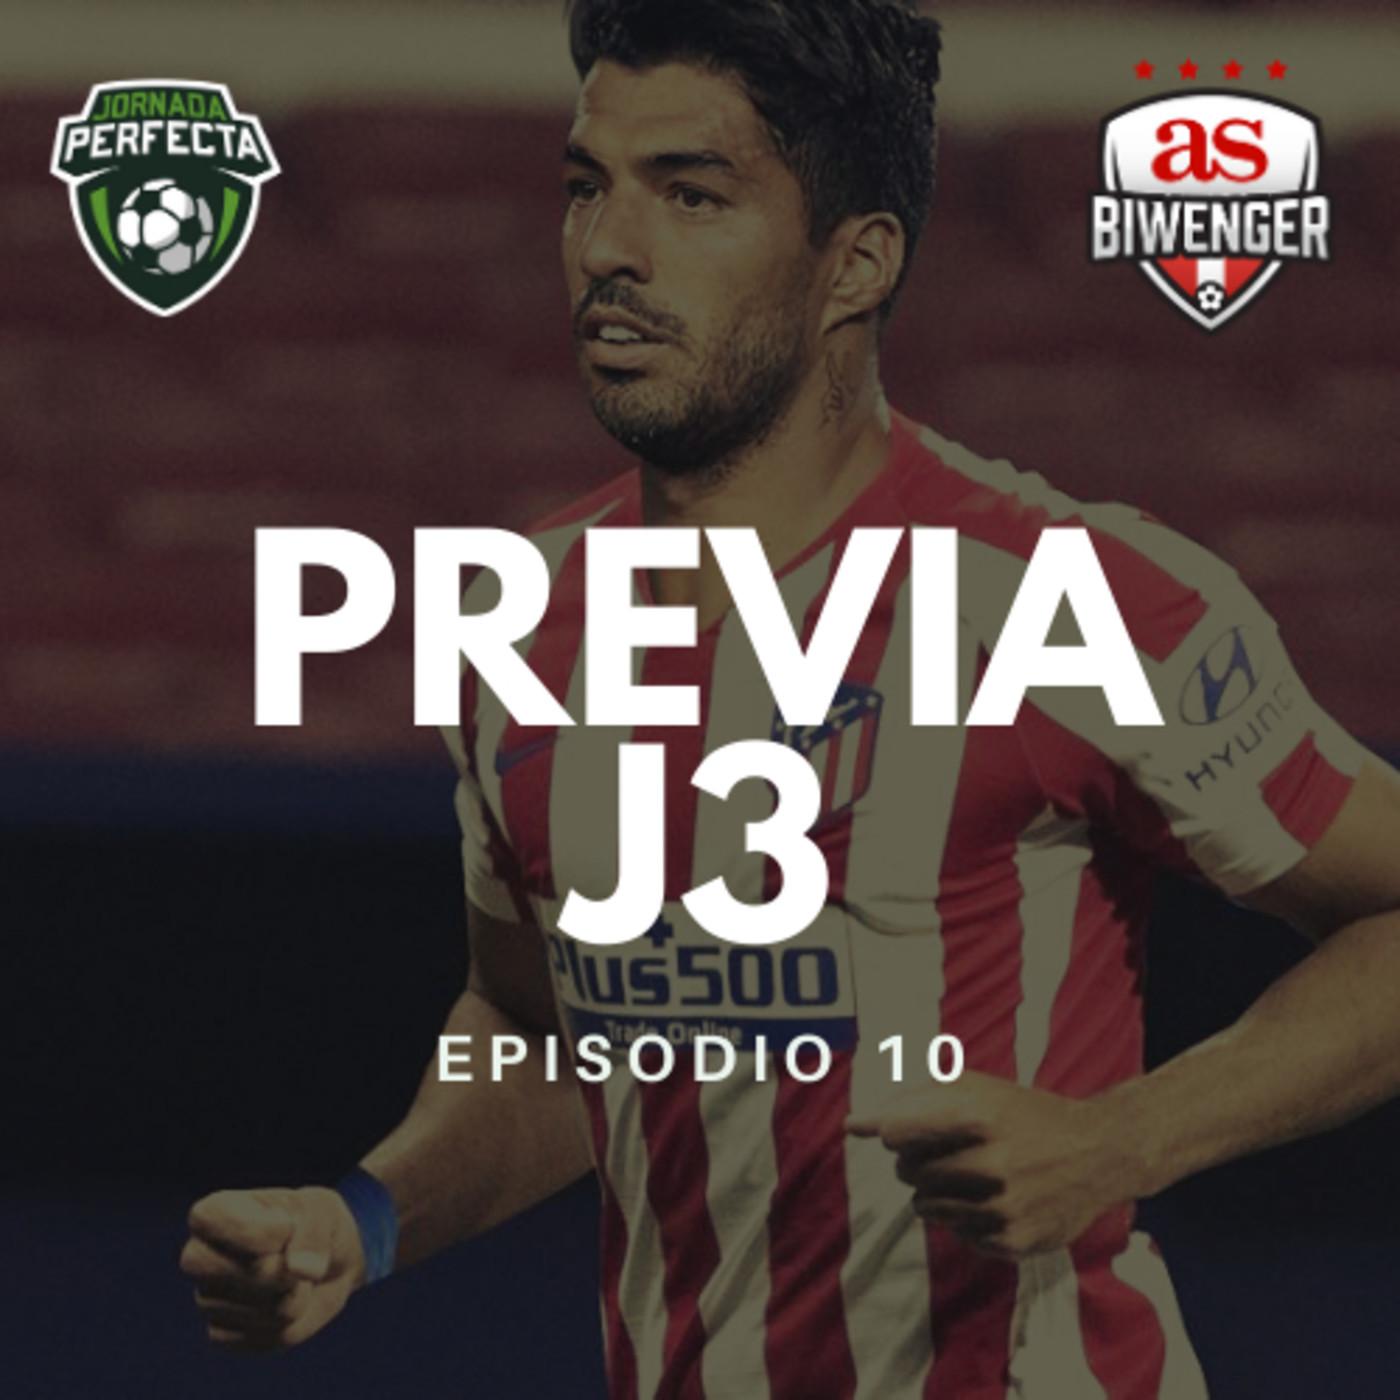 3x10 - LA PREVIA BIWENGER DE LA JORNADA 3